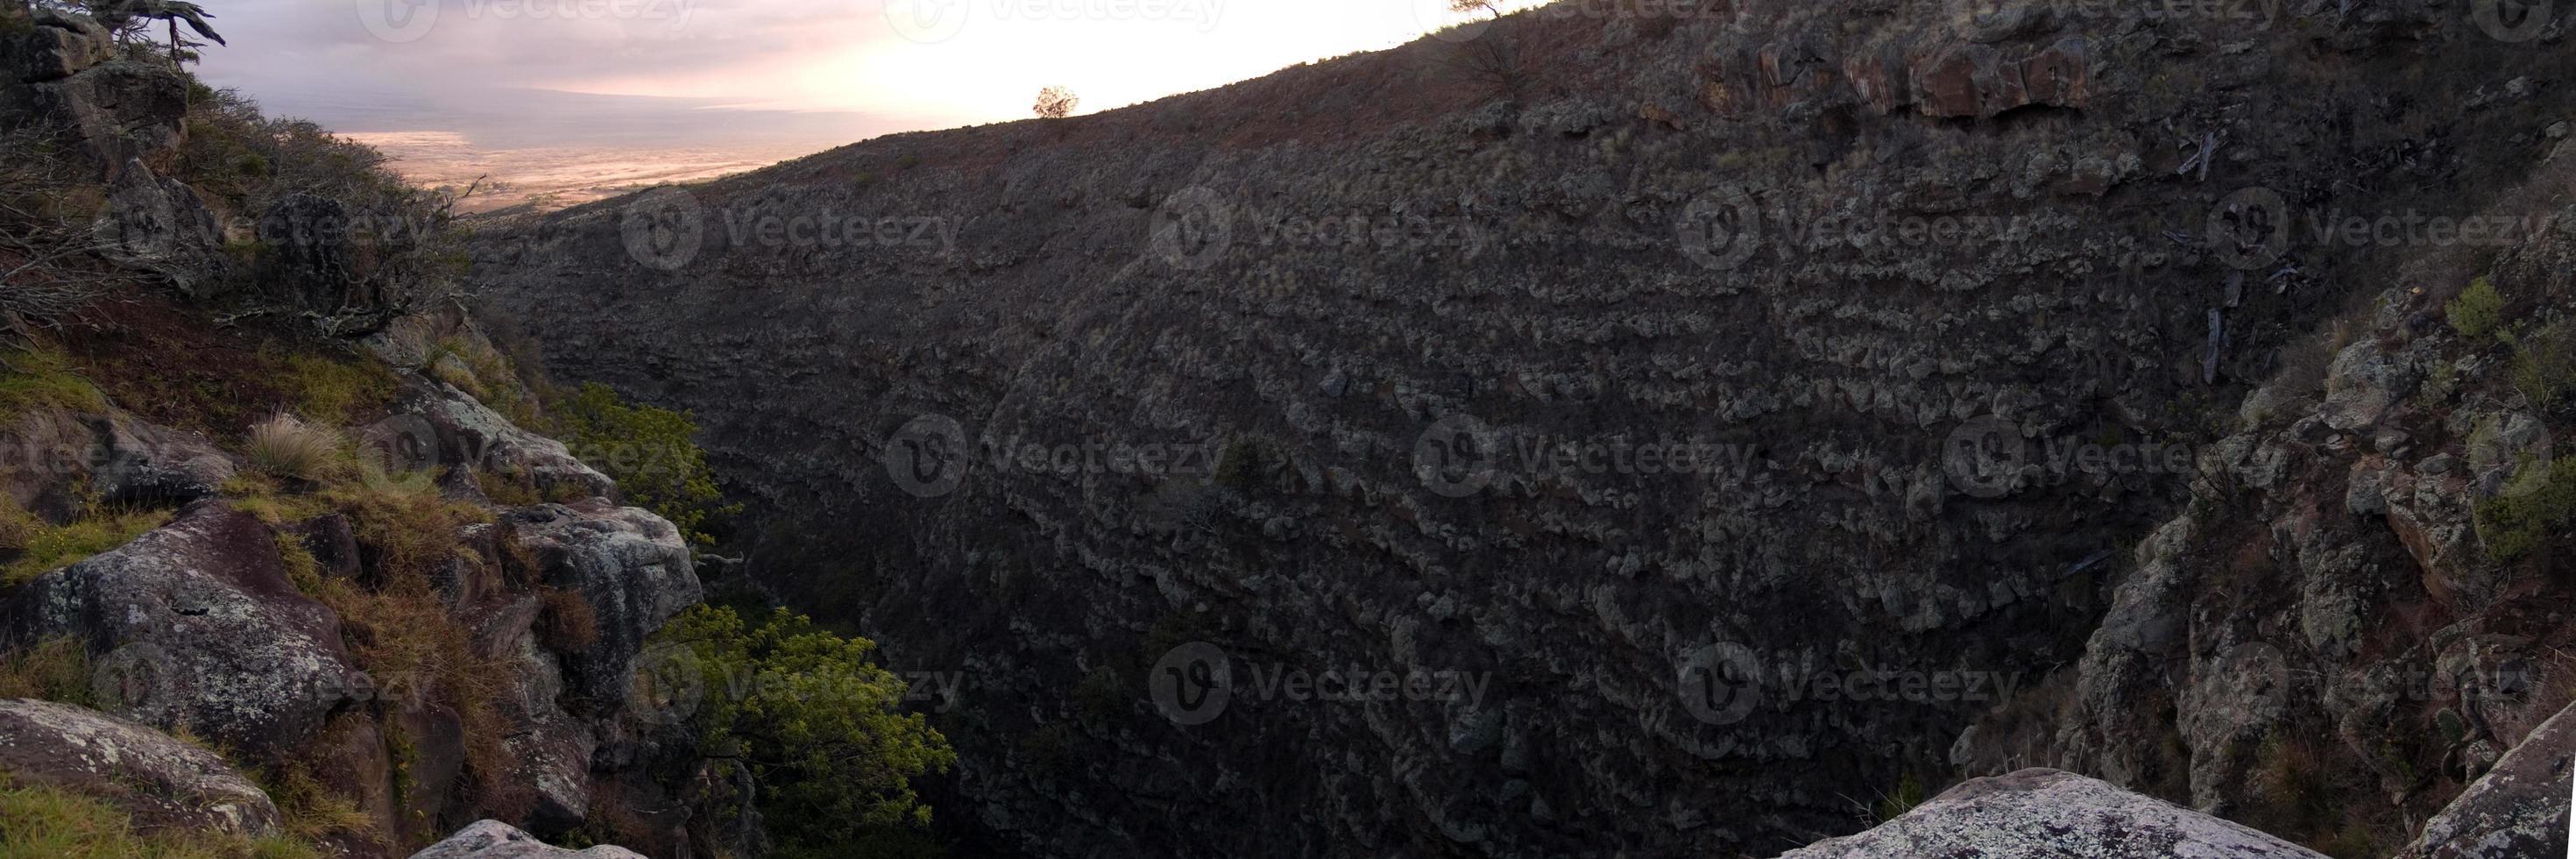 Canyon in der Abenddämmerung foto